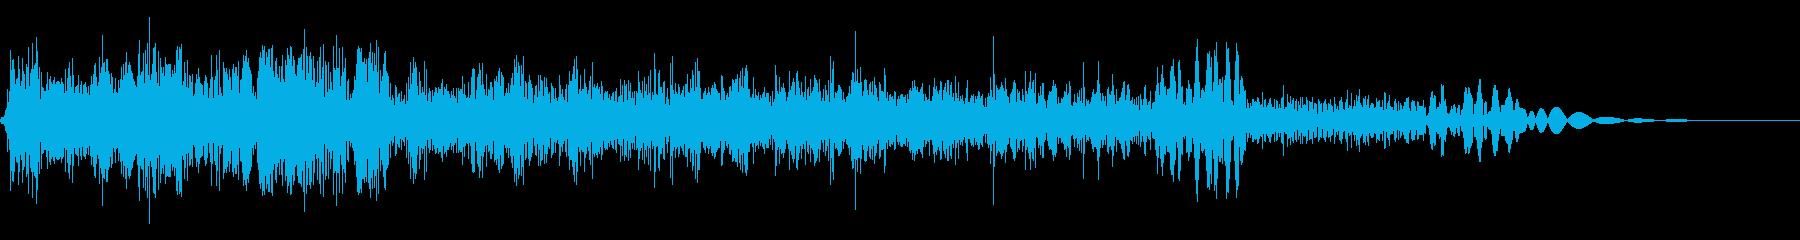 巻き戻し8の再生済みの波形